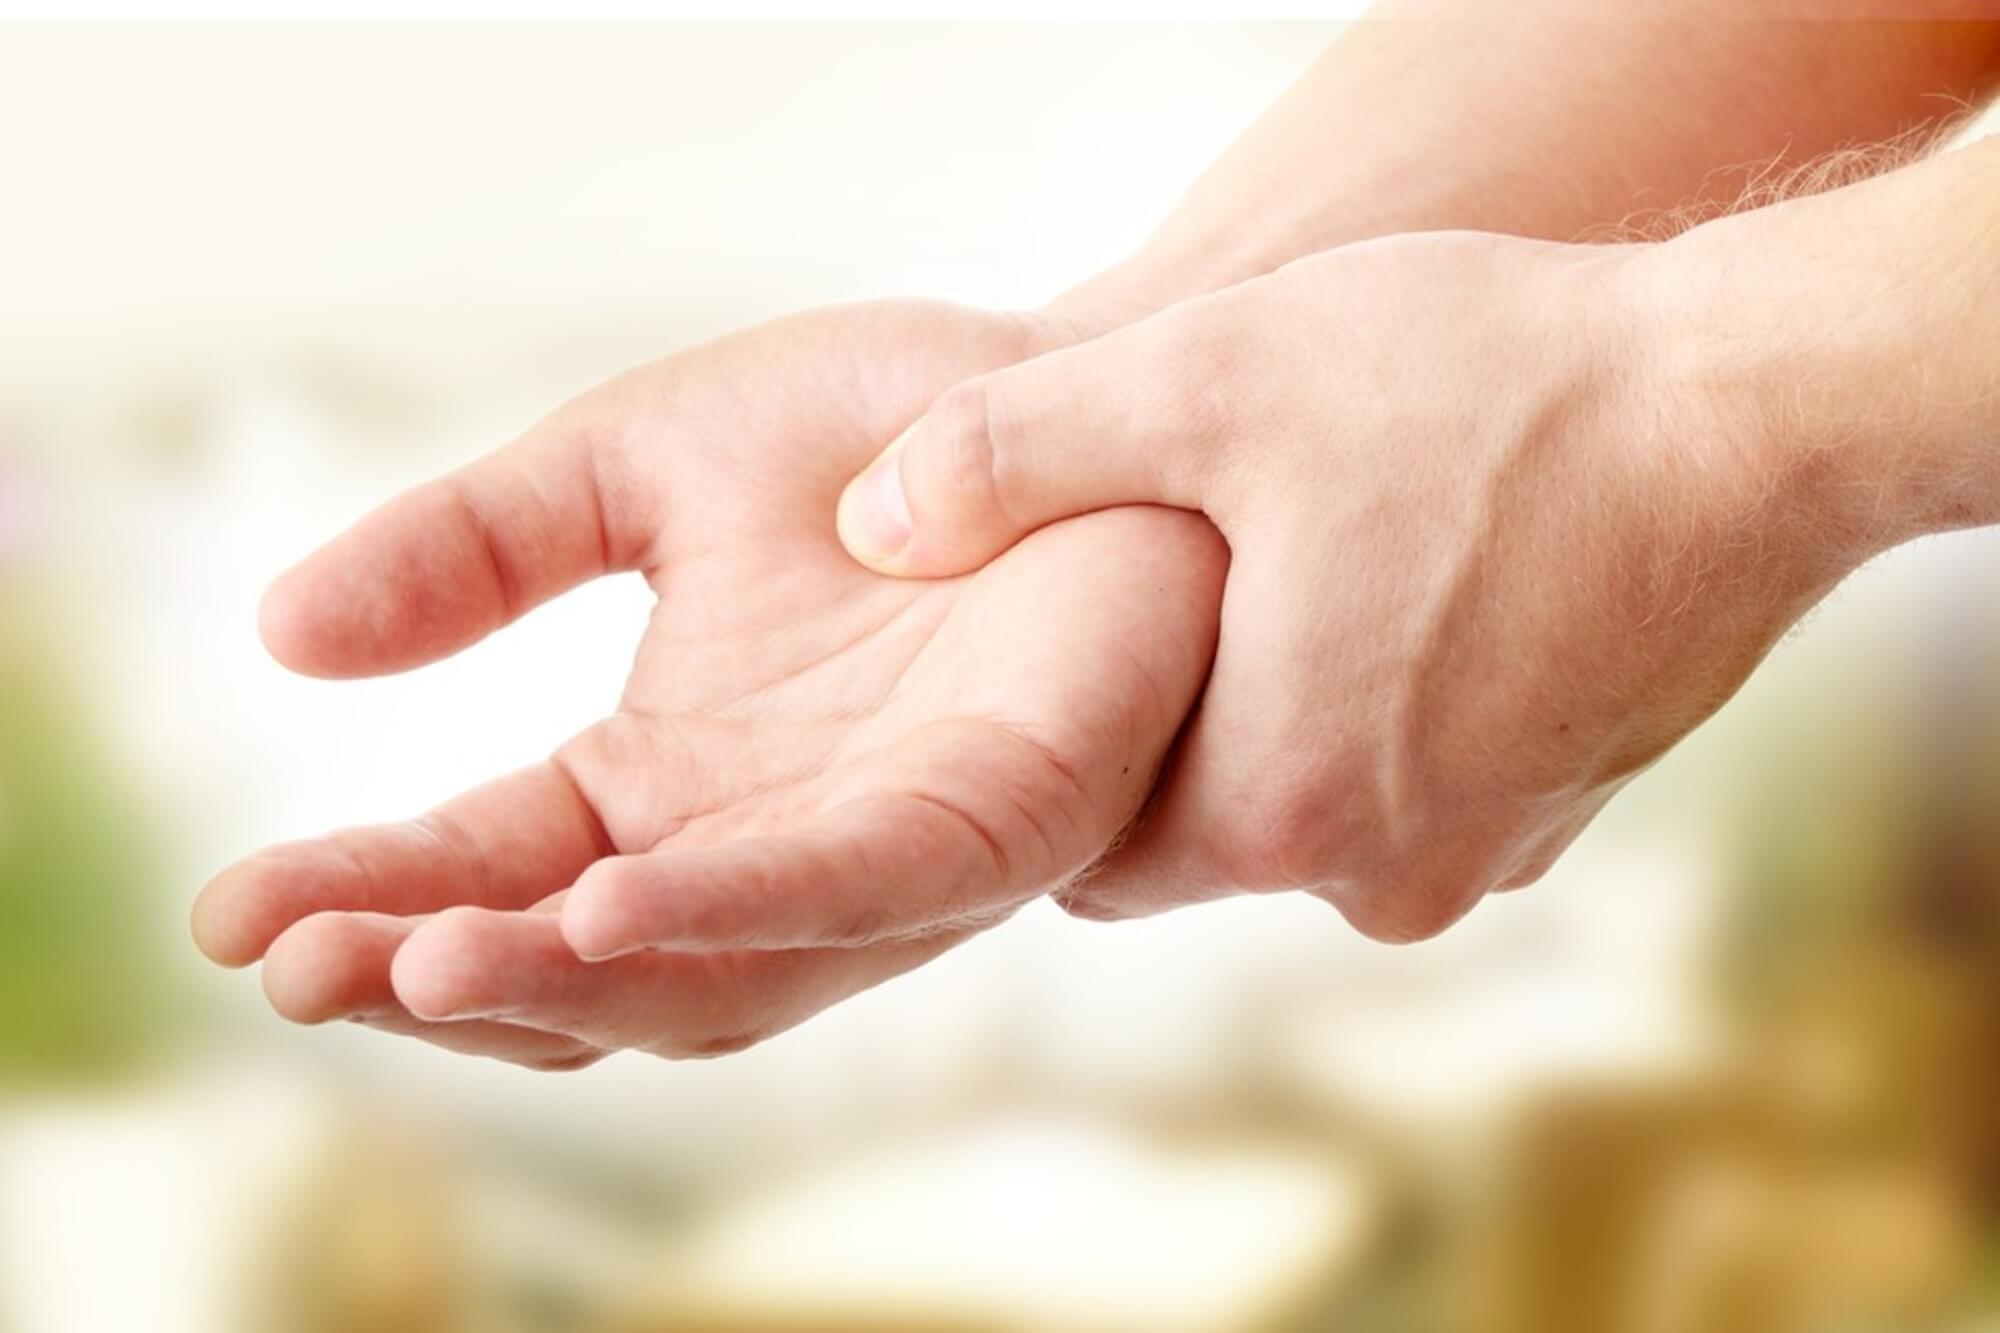 csípőzsír-kezelés osteoarthritis ízületi fájdalomtól mit inni